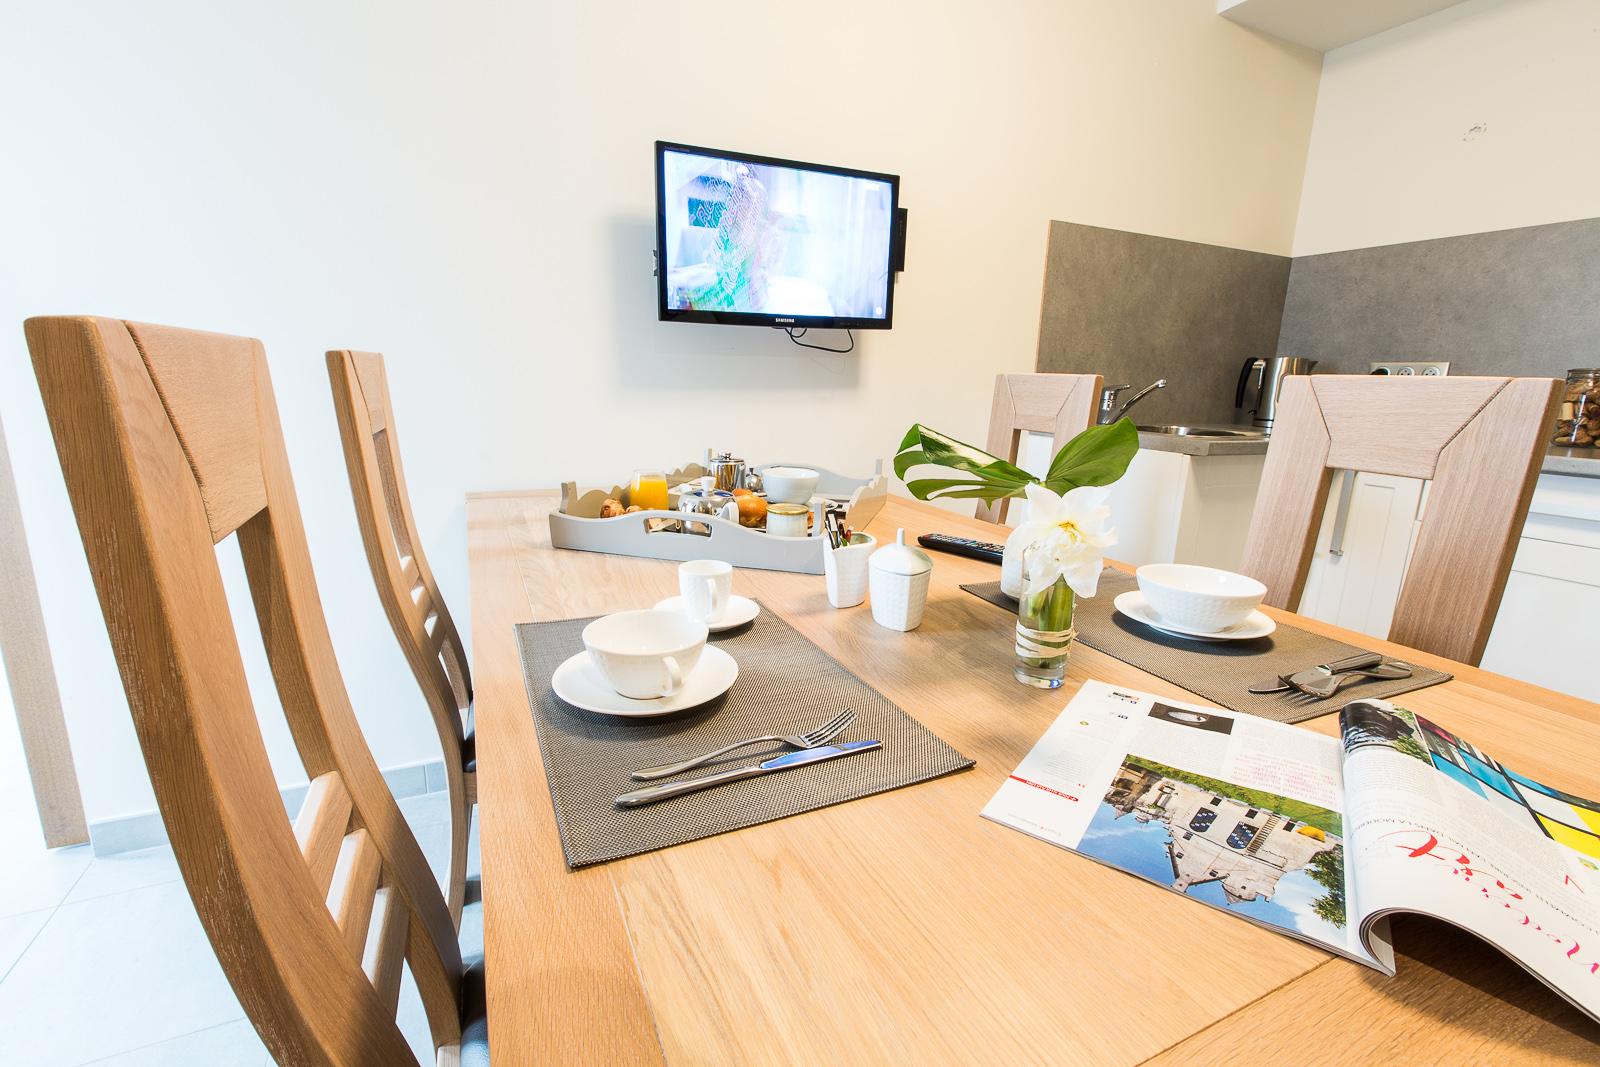 Hôtel Marotte - appartement table